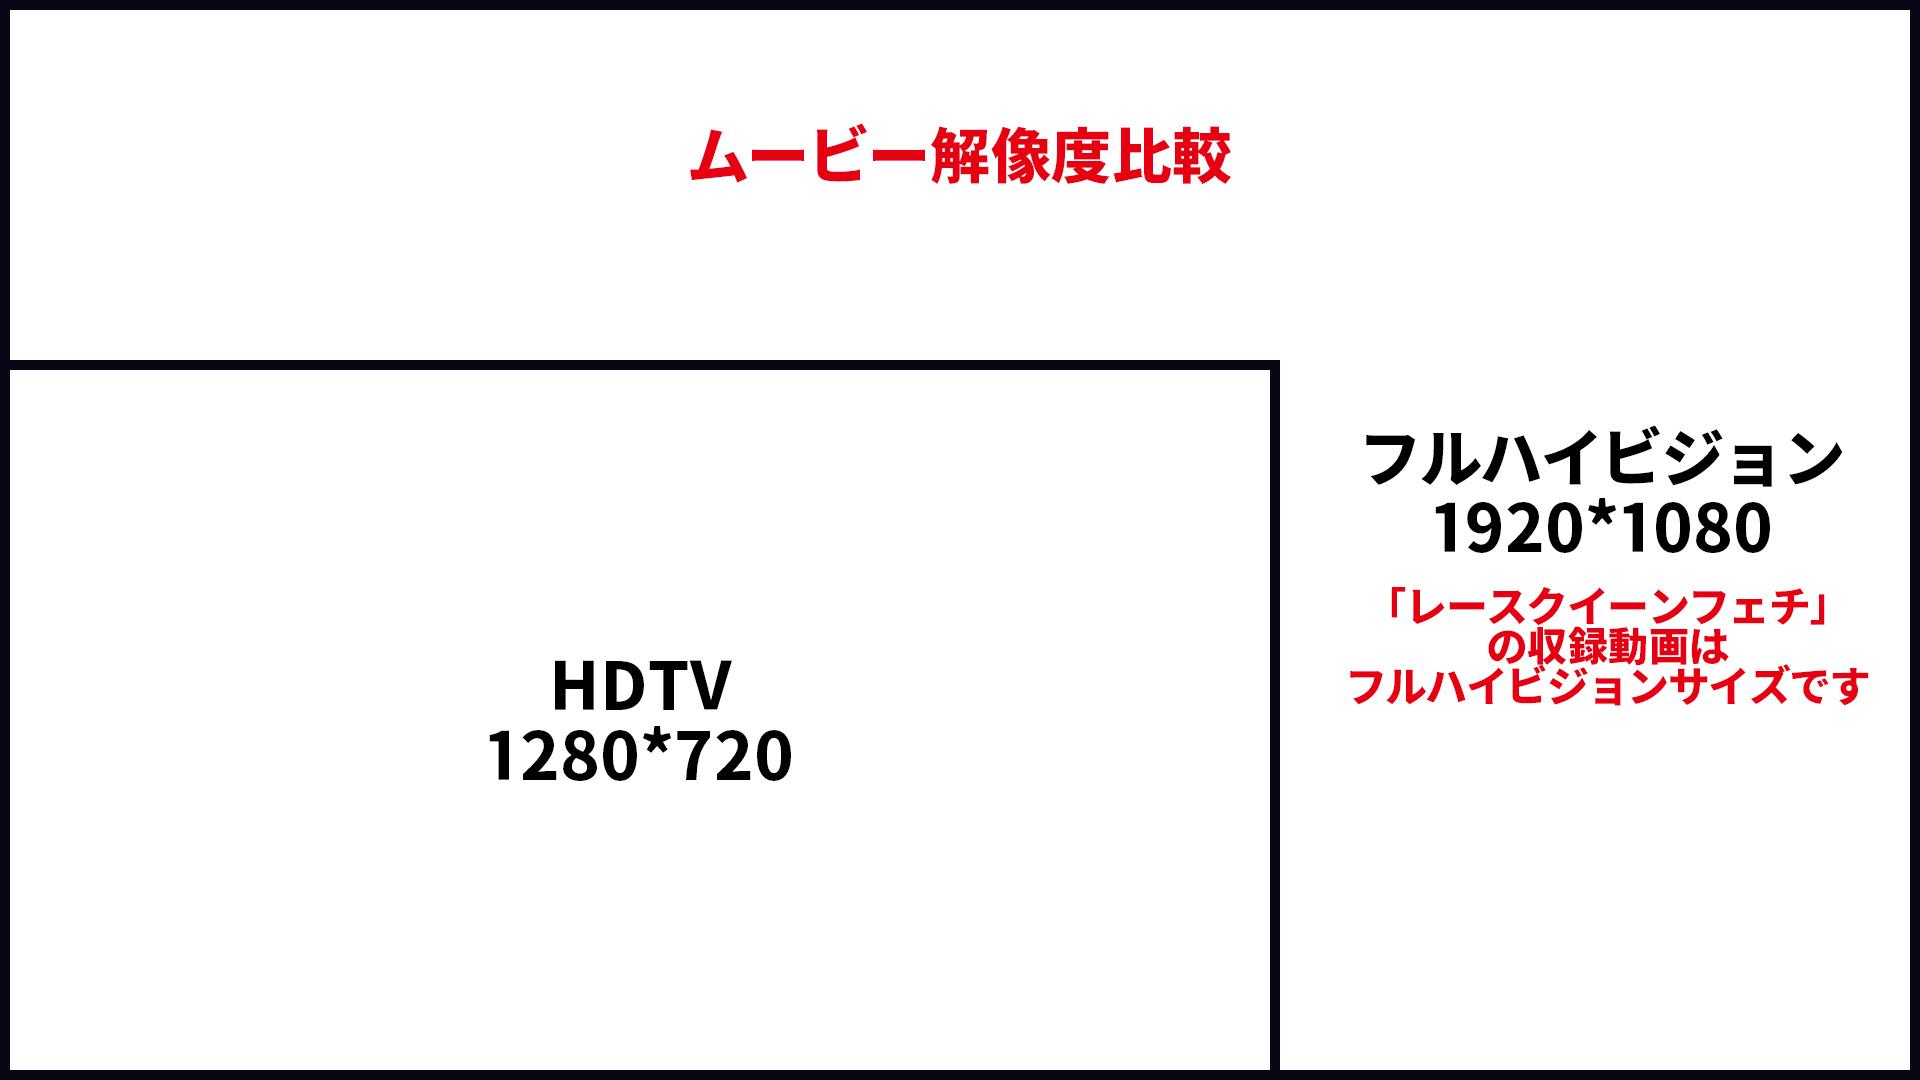 【HD】レースクイーンフェチ#032 ムービー版【3】 サンプル画像05